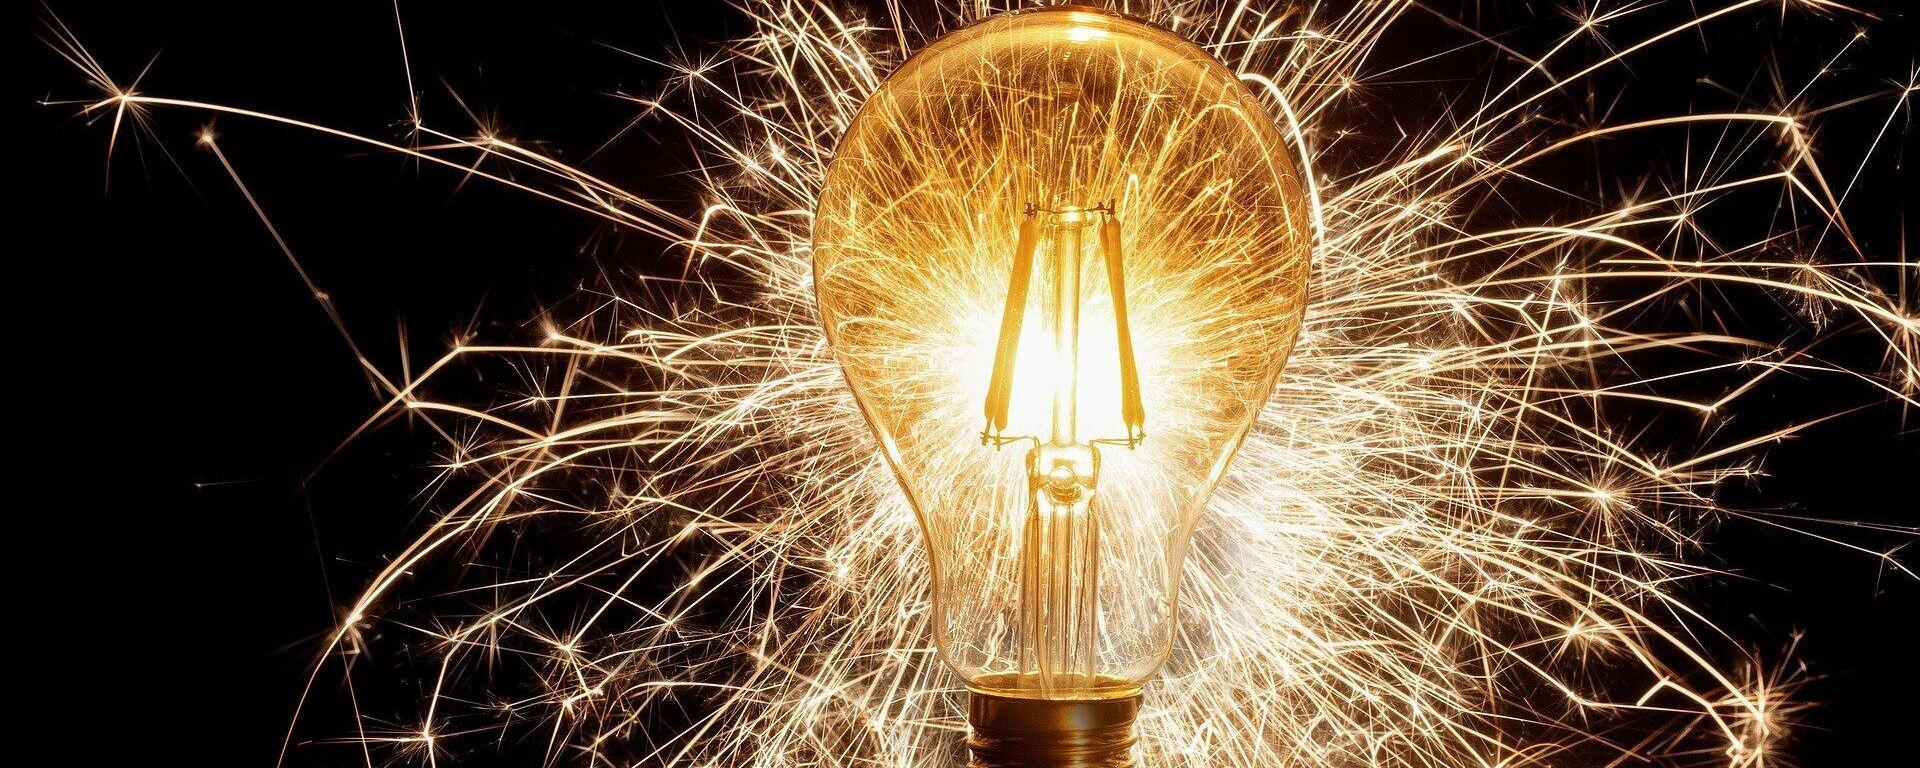 El coste de la energía eléctrica se dispara en España - Sputnik Mundo, 1920, 09.08.2021